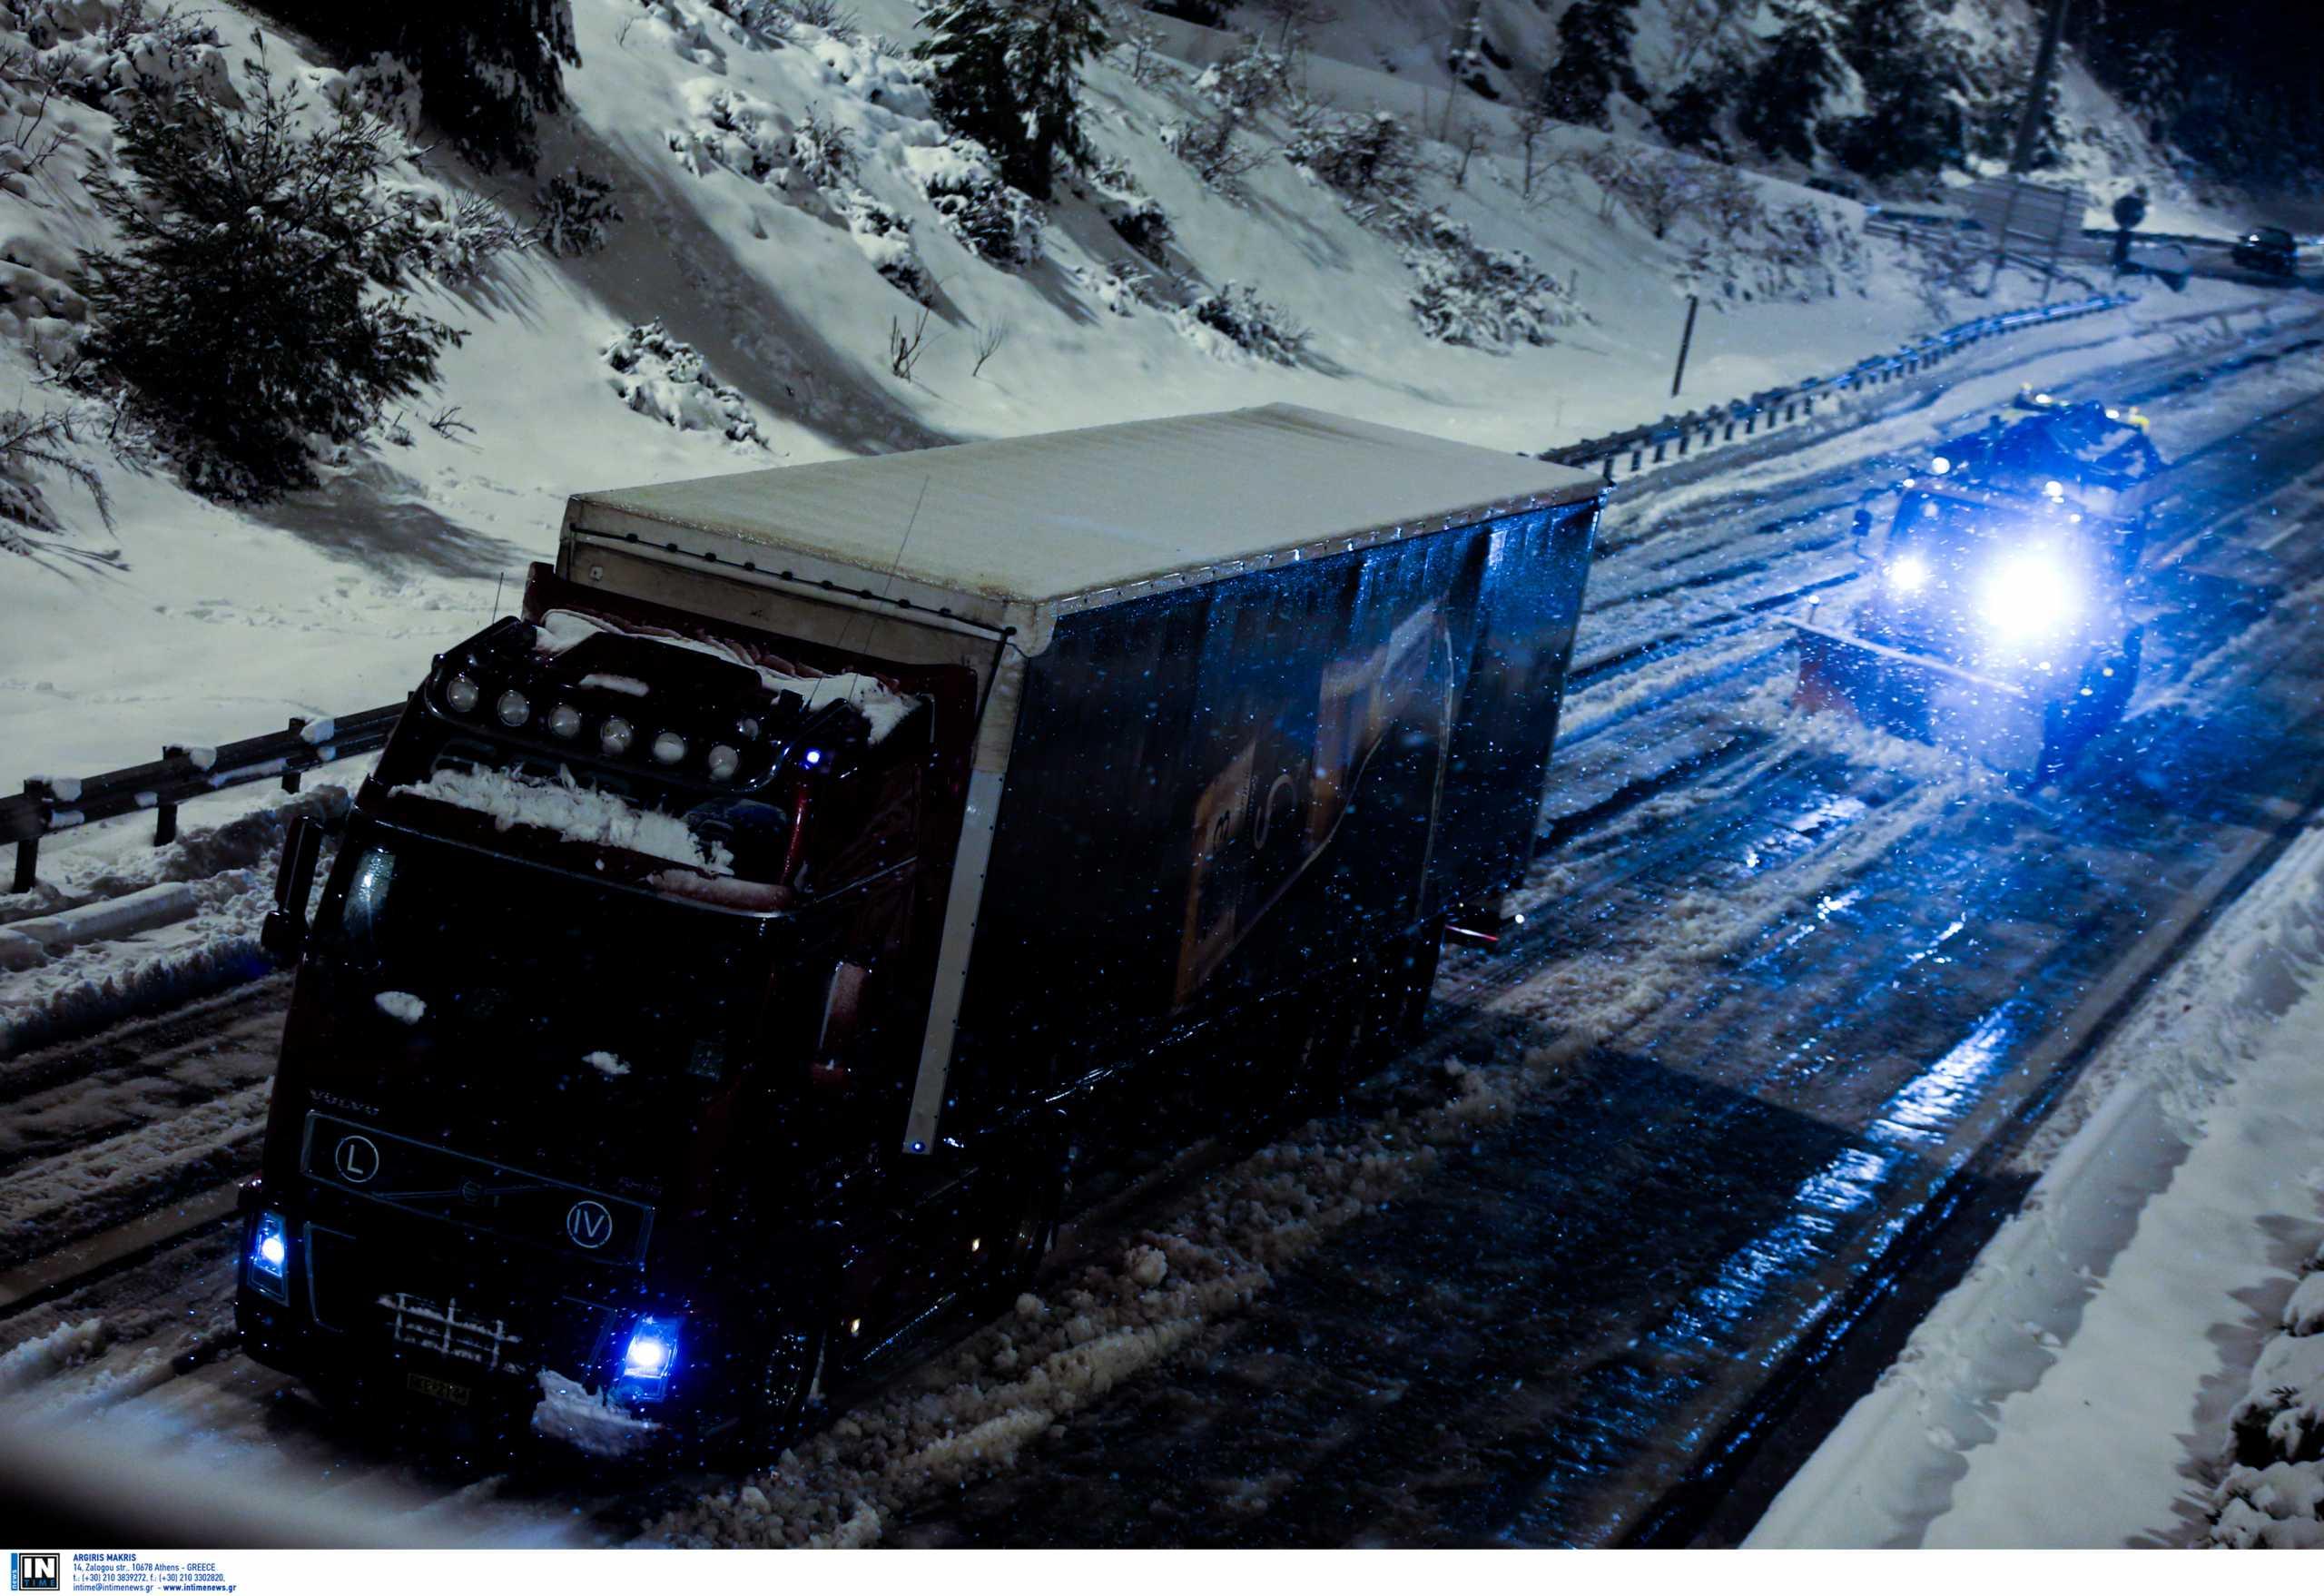 Καιρός – Ηράκλειο: Απαγόρευση κυκλοφορίας βαρέων οχημάτων στην επαρχιακή οδό Ηρακλείου-Αγίας Γαλήνης